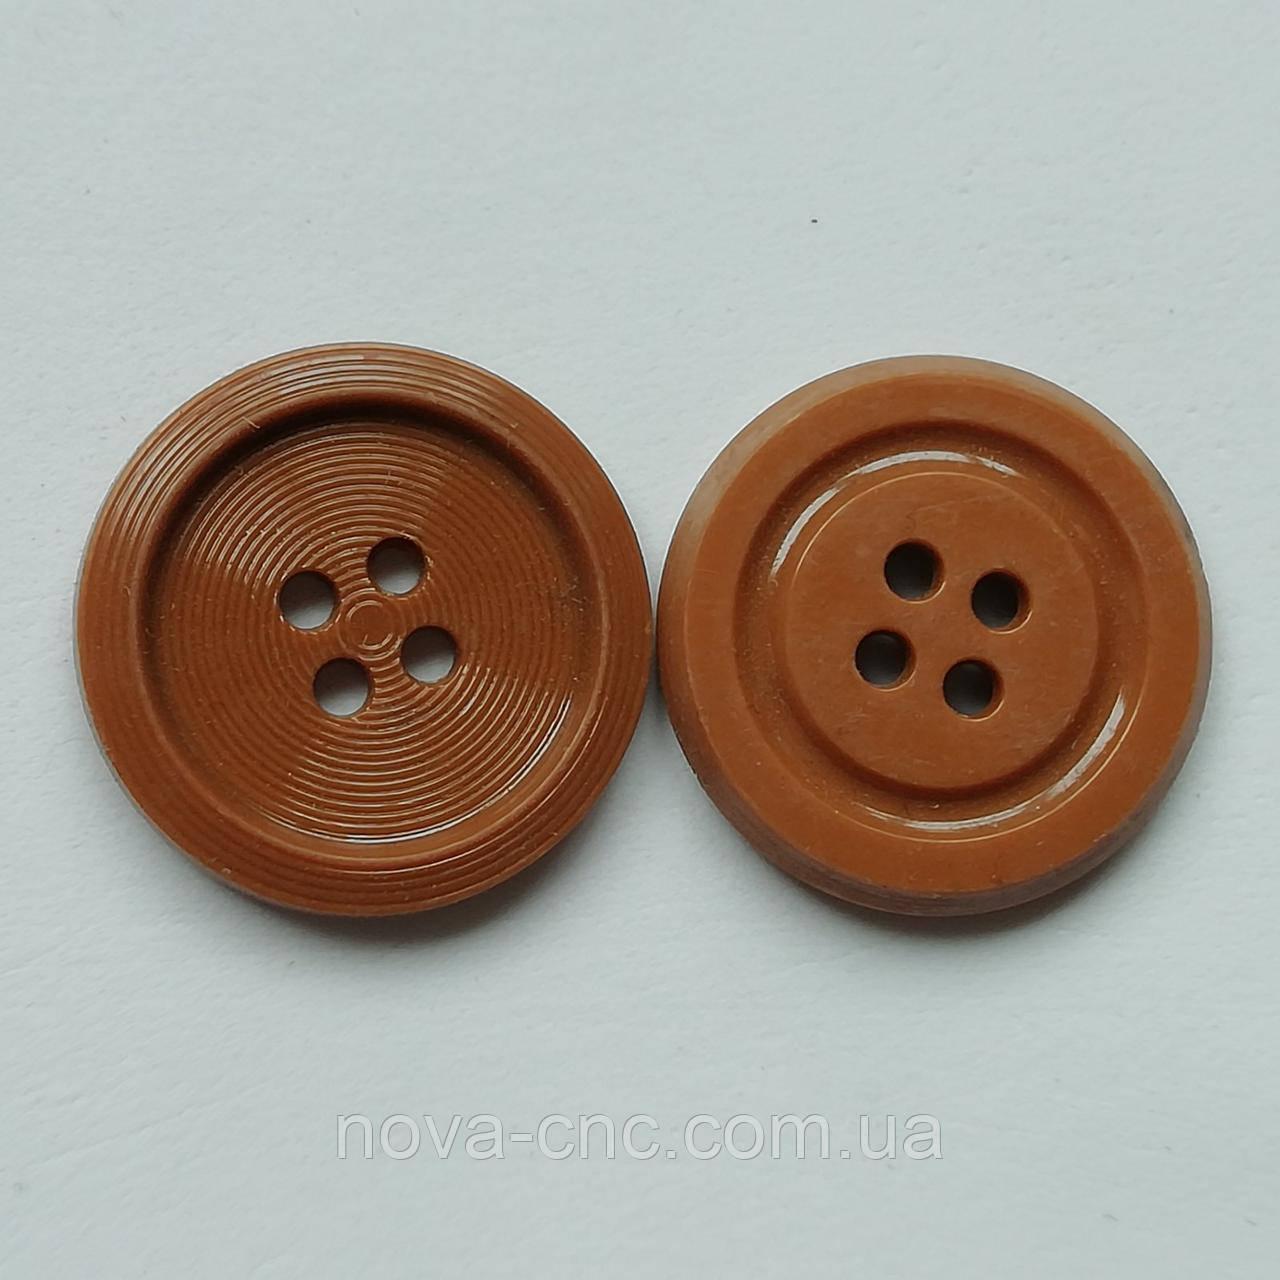 Пуговица пластмассовая 28 мм Цвет рыжевато-коричневый Упаковка примерно 100 штук